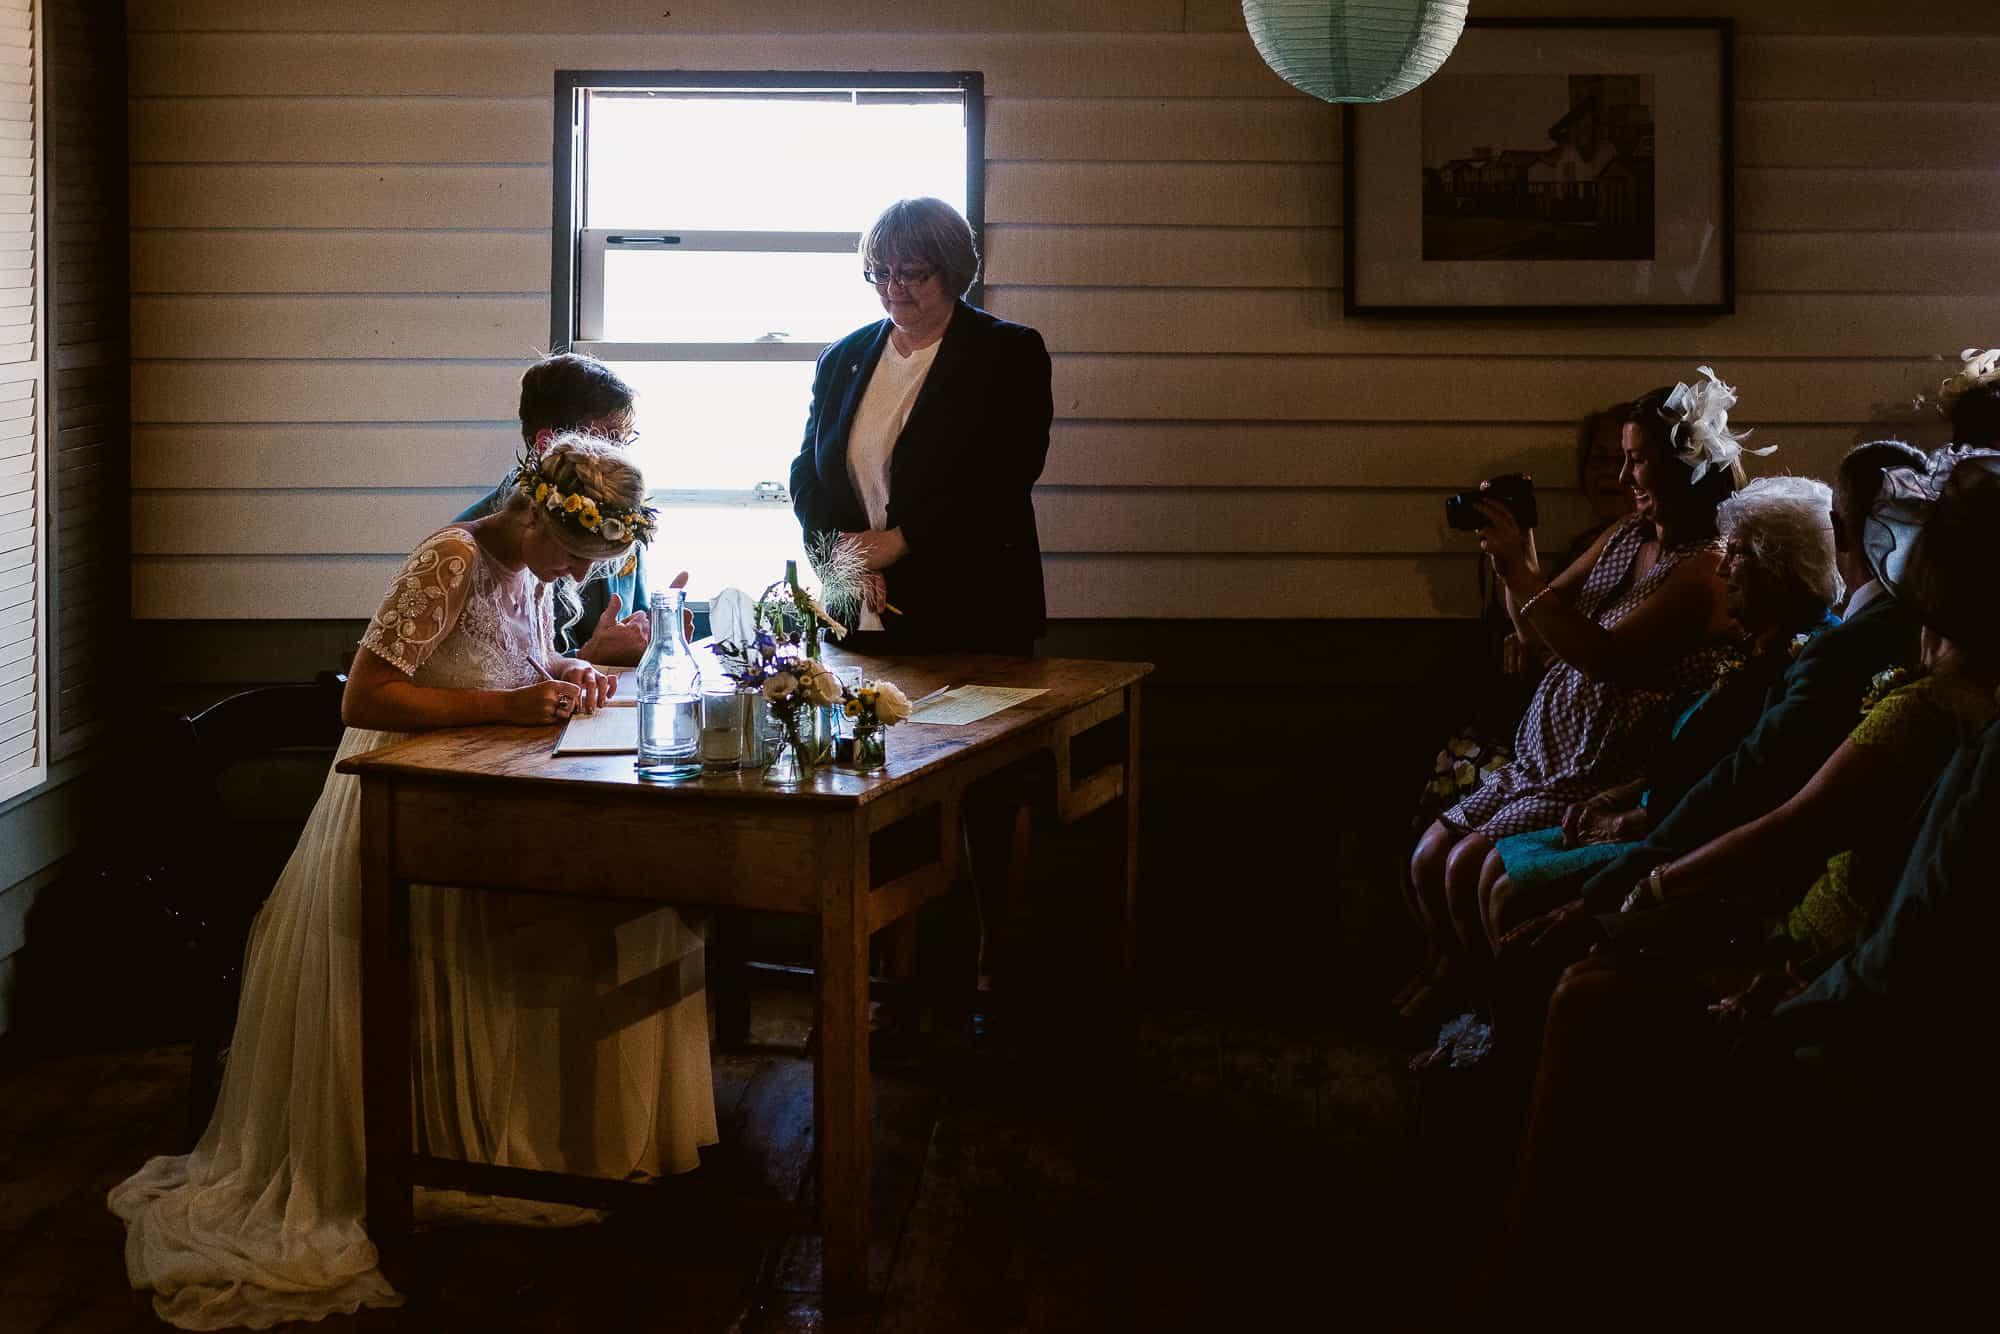 east-quay-wedding-photography-matt-tyler-0037